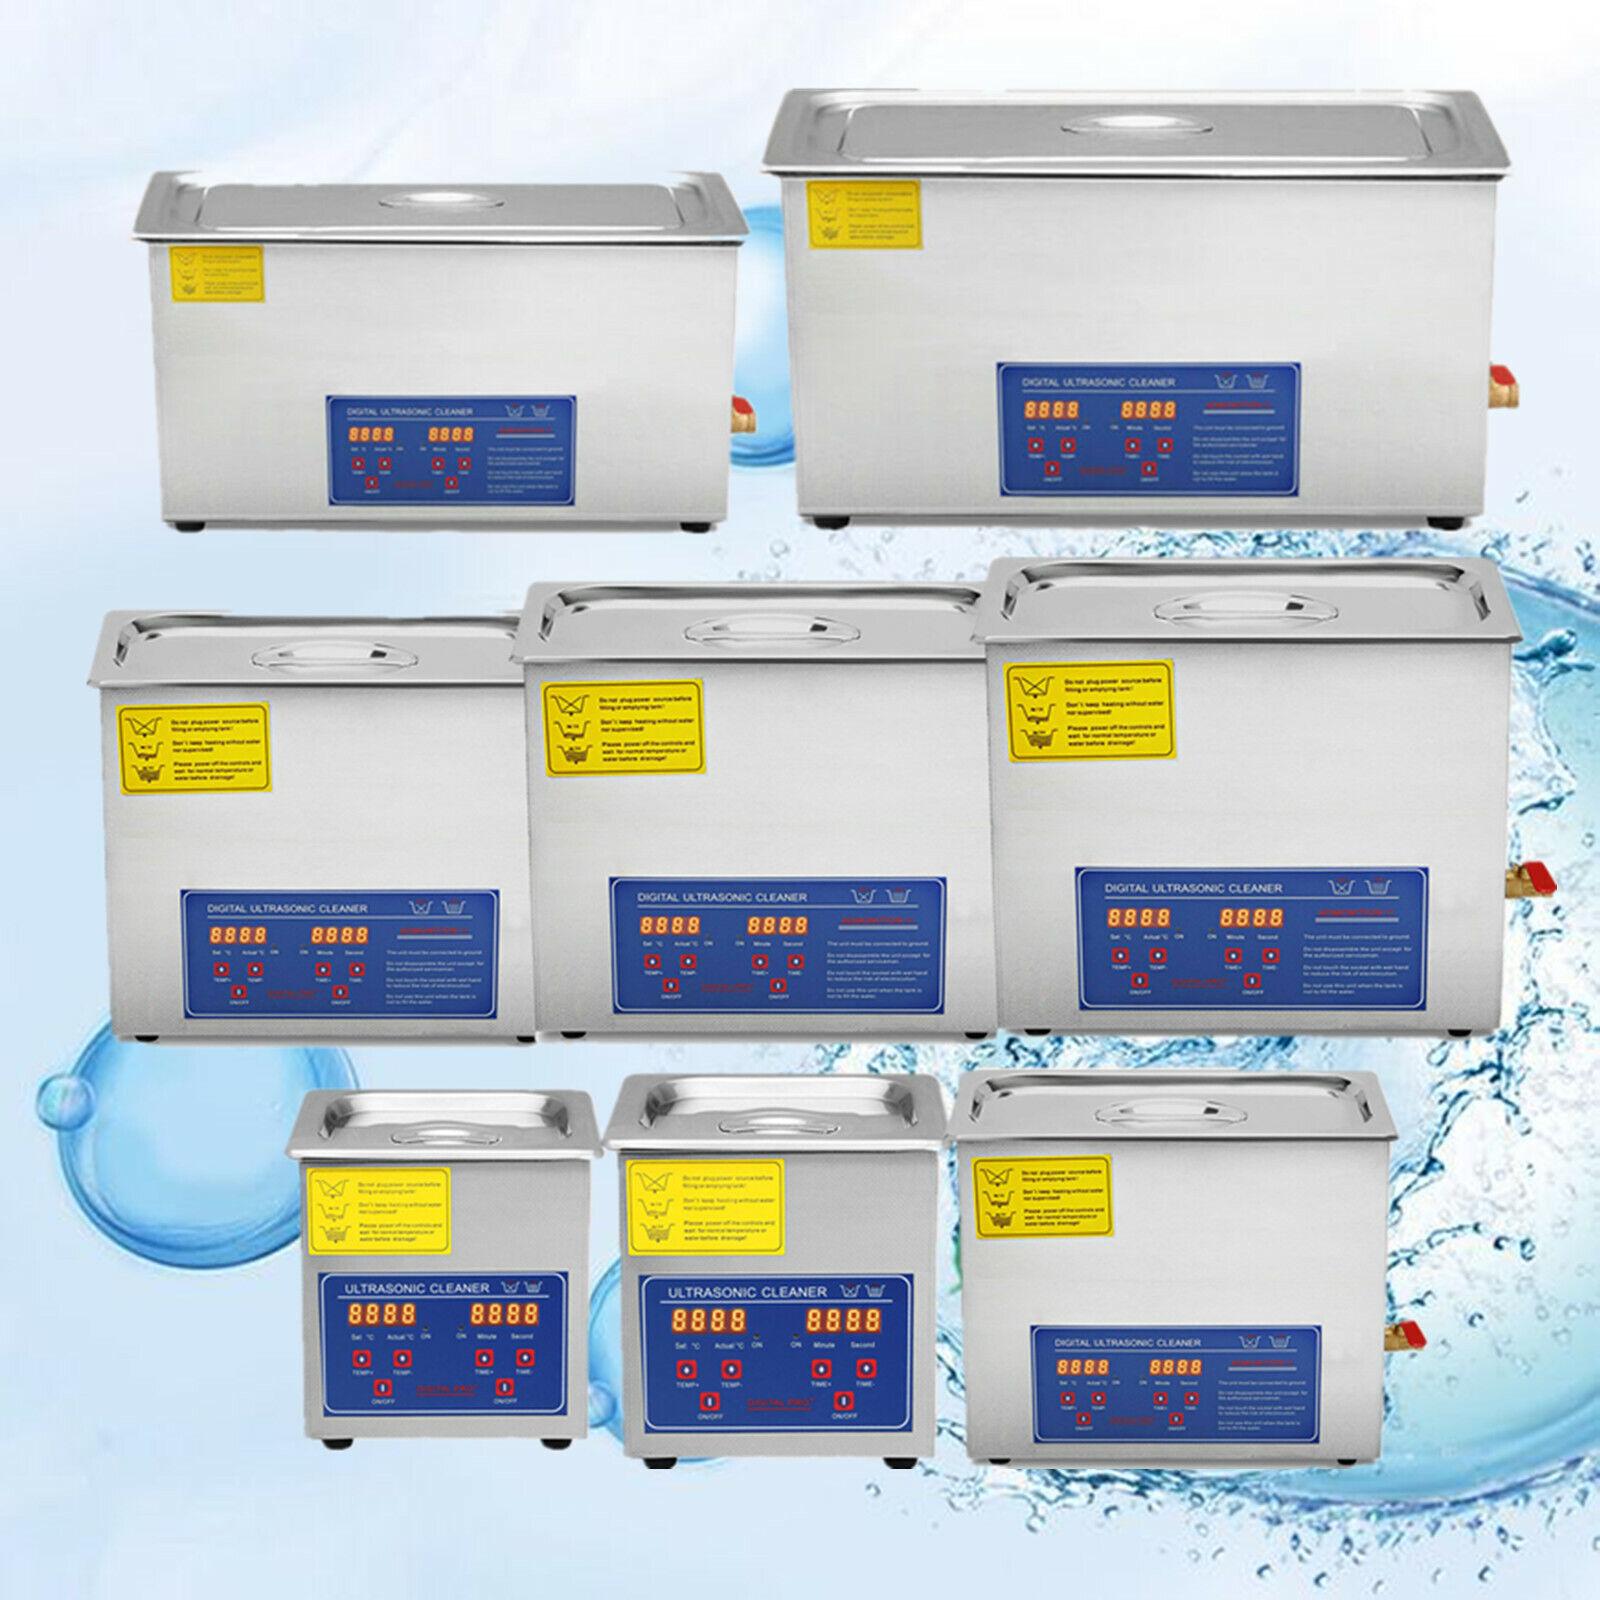 Ultrasonic Cleaners Supplies Jewelry 1.3L,2L, 3L, 6L, 10L, 1